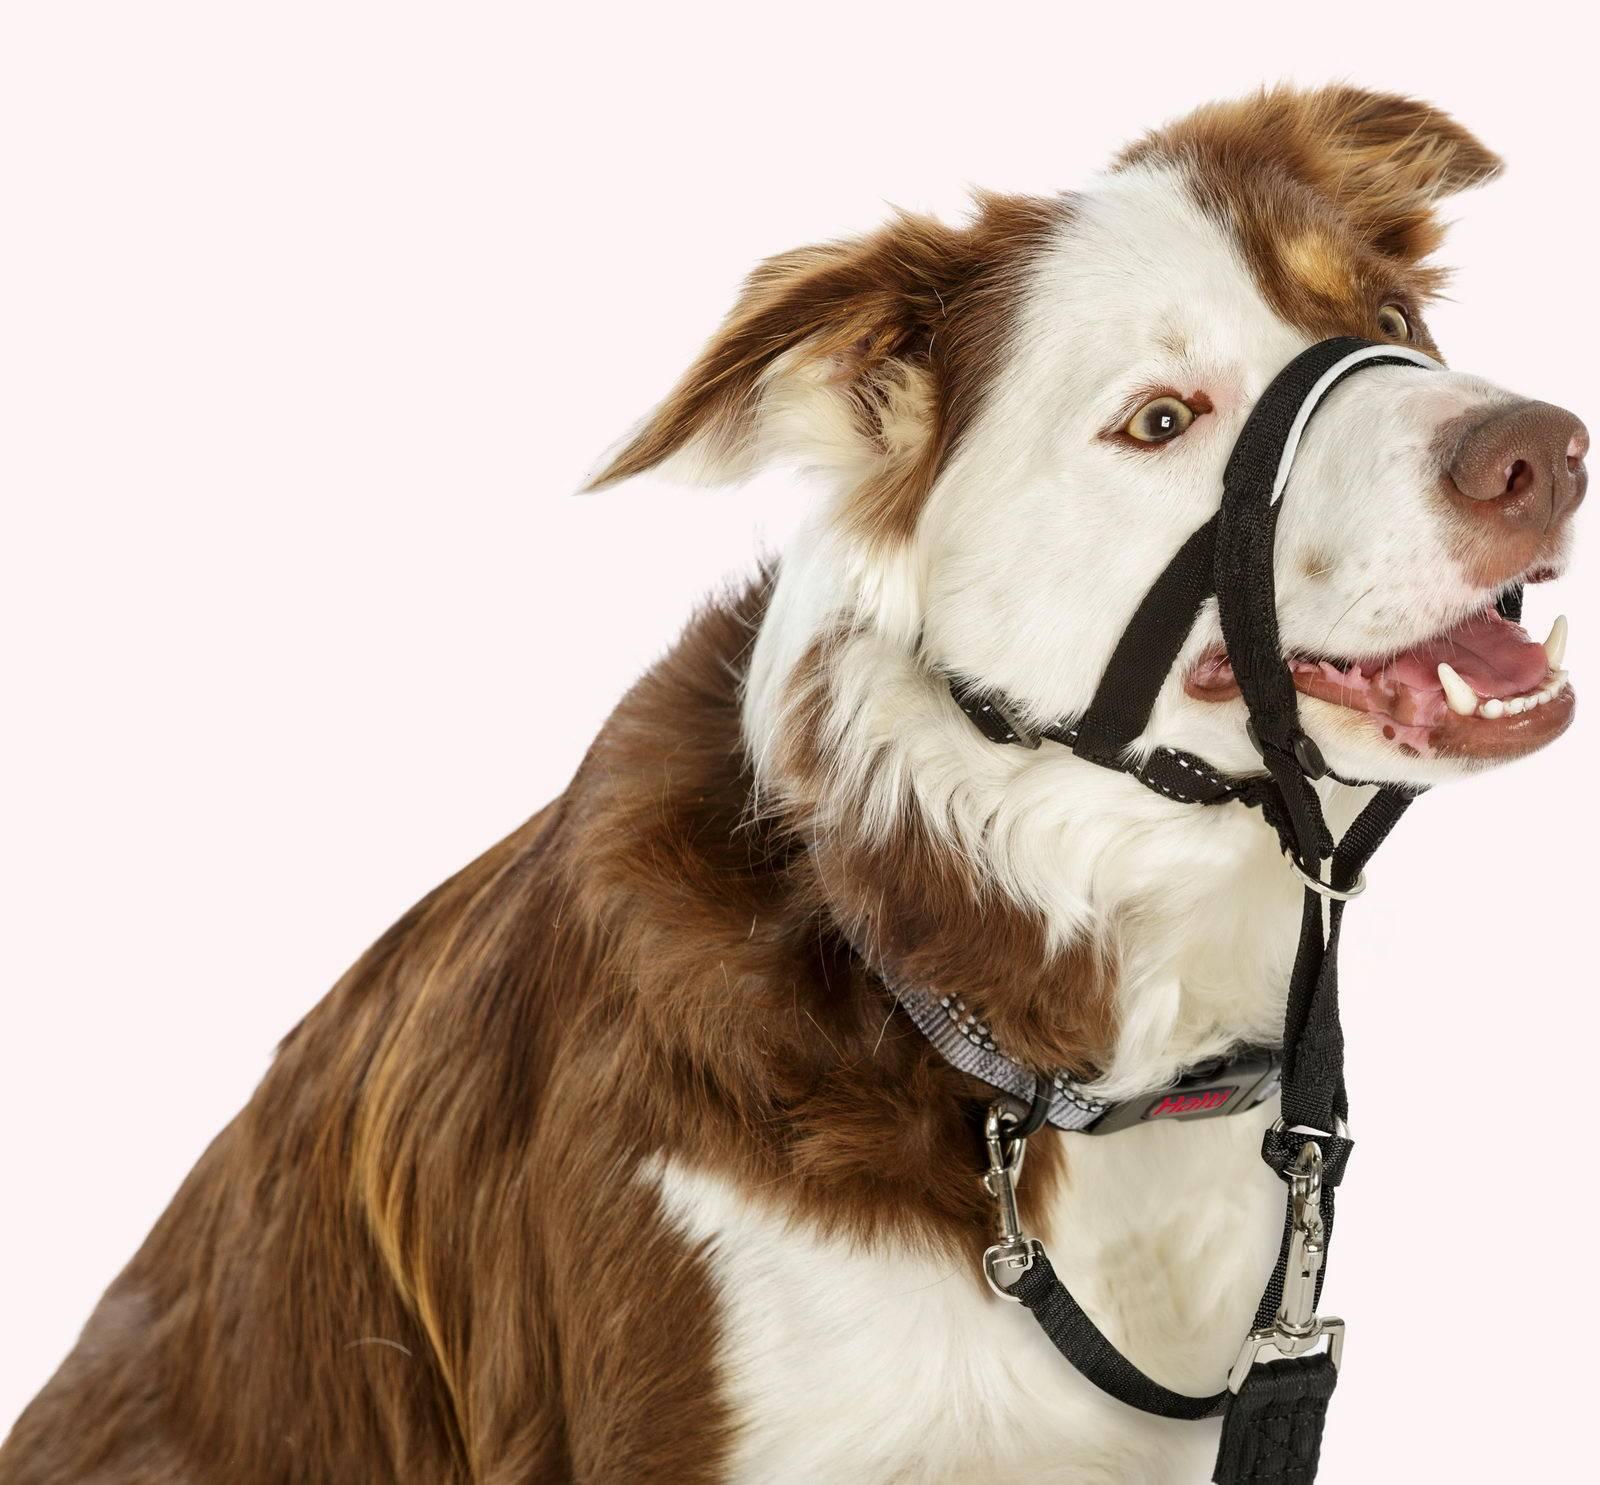 ᐉ недоуздок для собак: что это такое и как сделать своими руками - kcc-zoo.ru